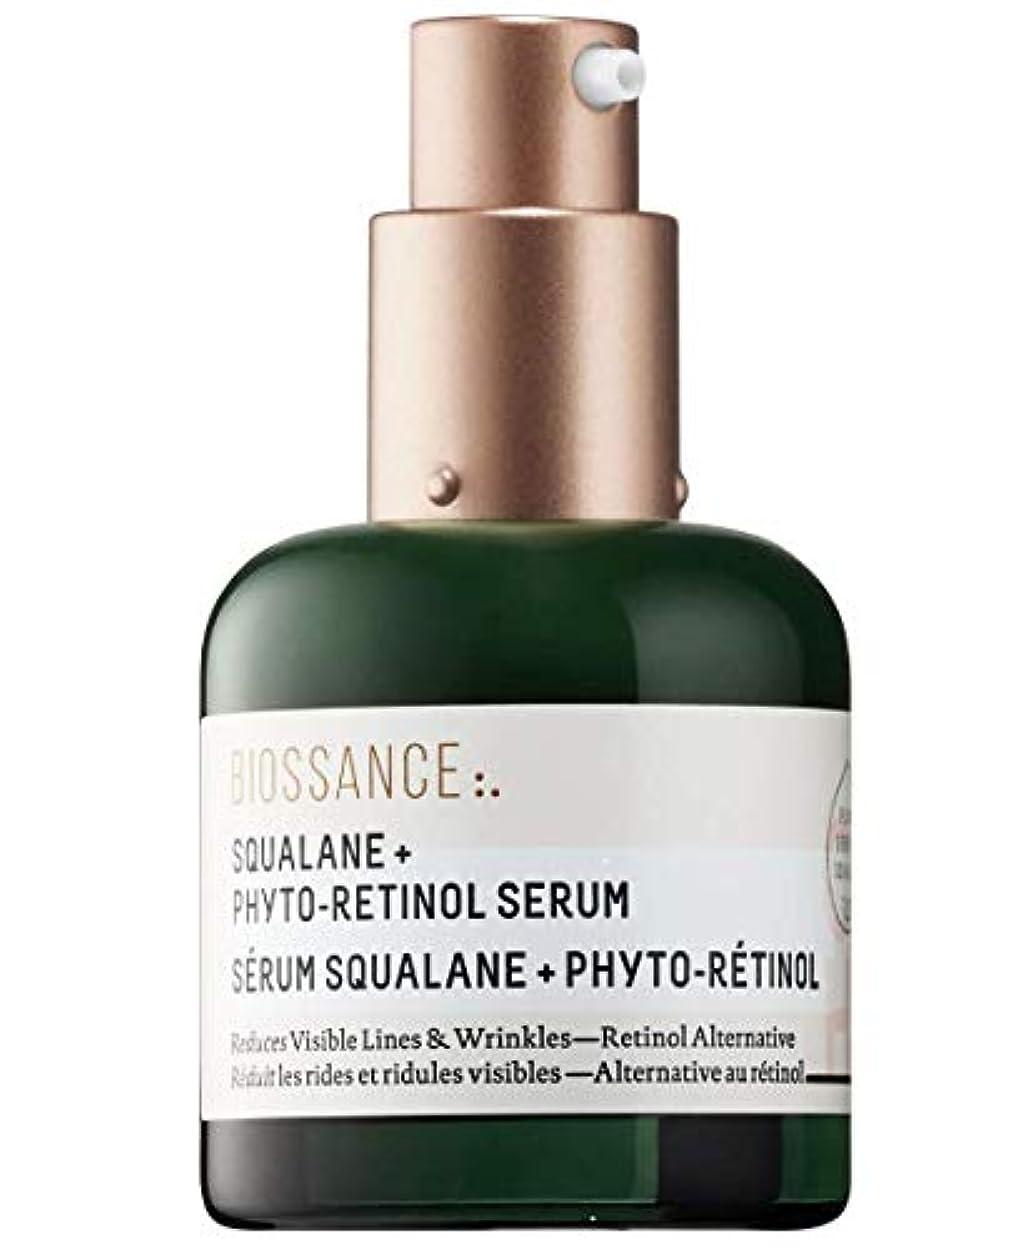 フェザー延期する誘惑するBiossance Squalane + Phyto-Retinol Serum 30ml